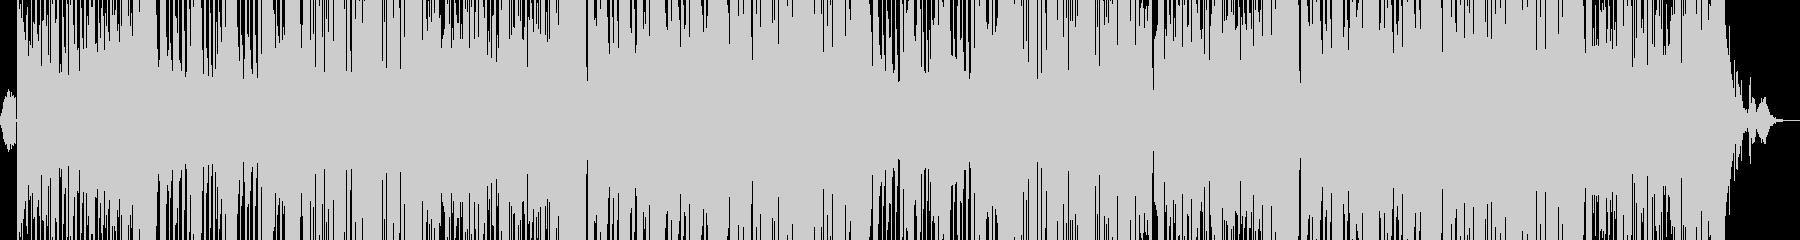 ダンス系EDM/イケメンになる曲の未再生の波形